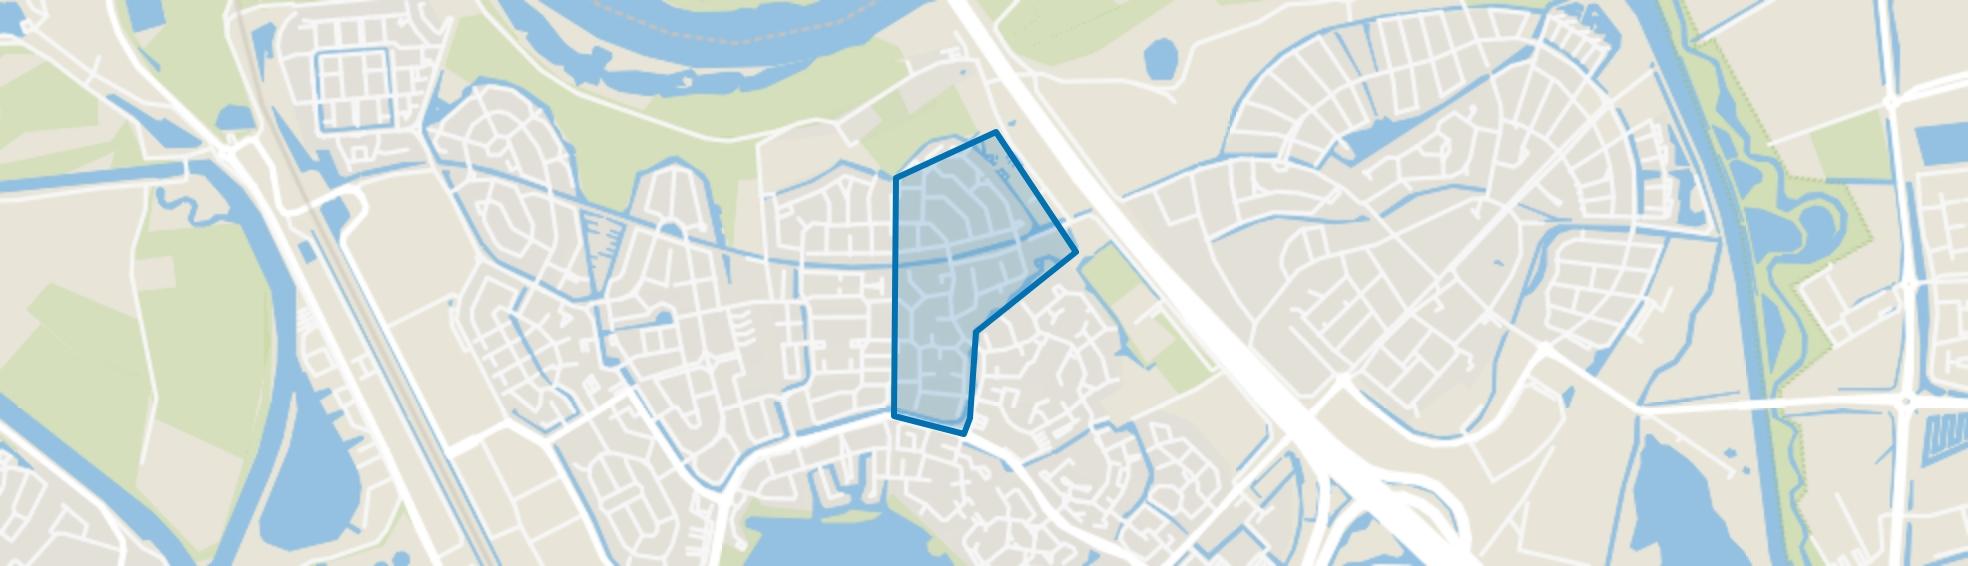 Maasstroom, Den Bosch map